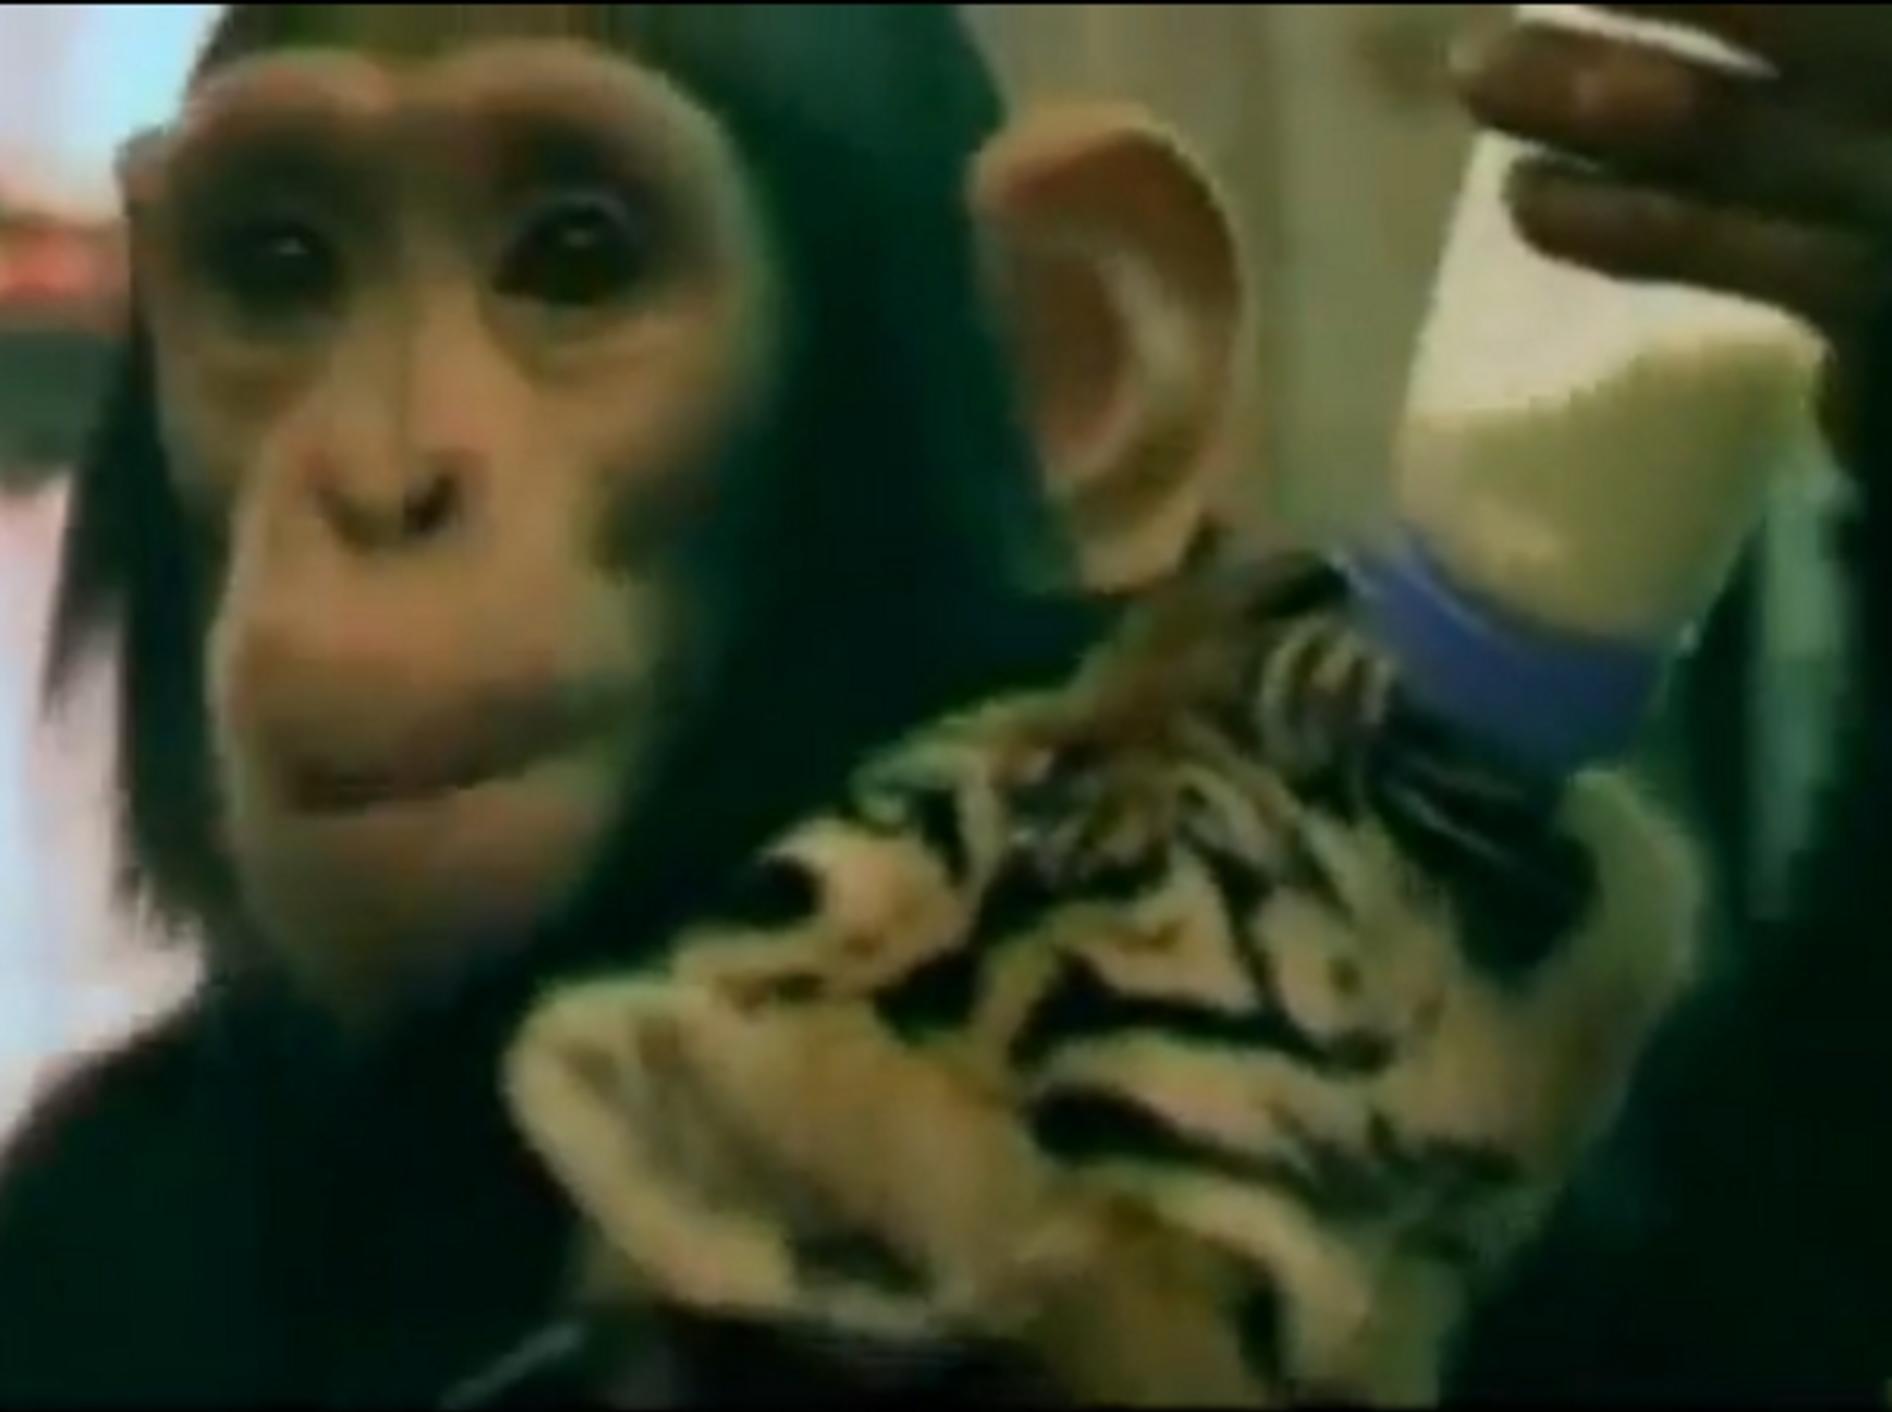 Affenfütterung: Schimpanse gibt dem Tigerbaby das Fläschchen